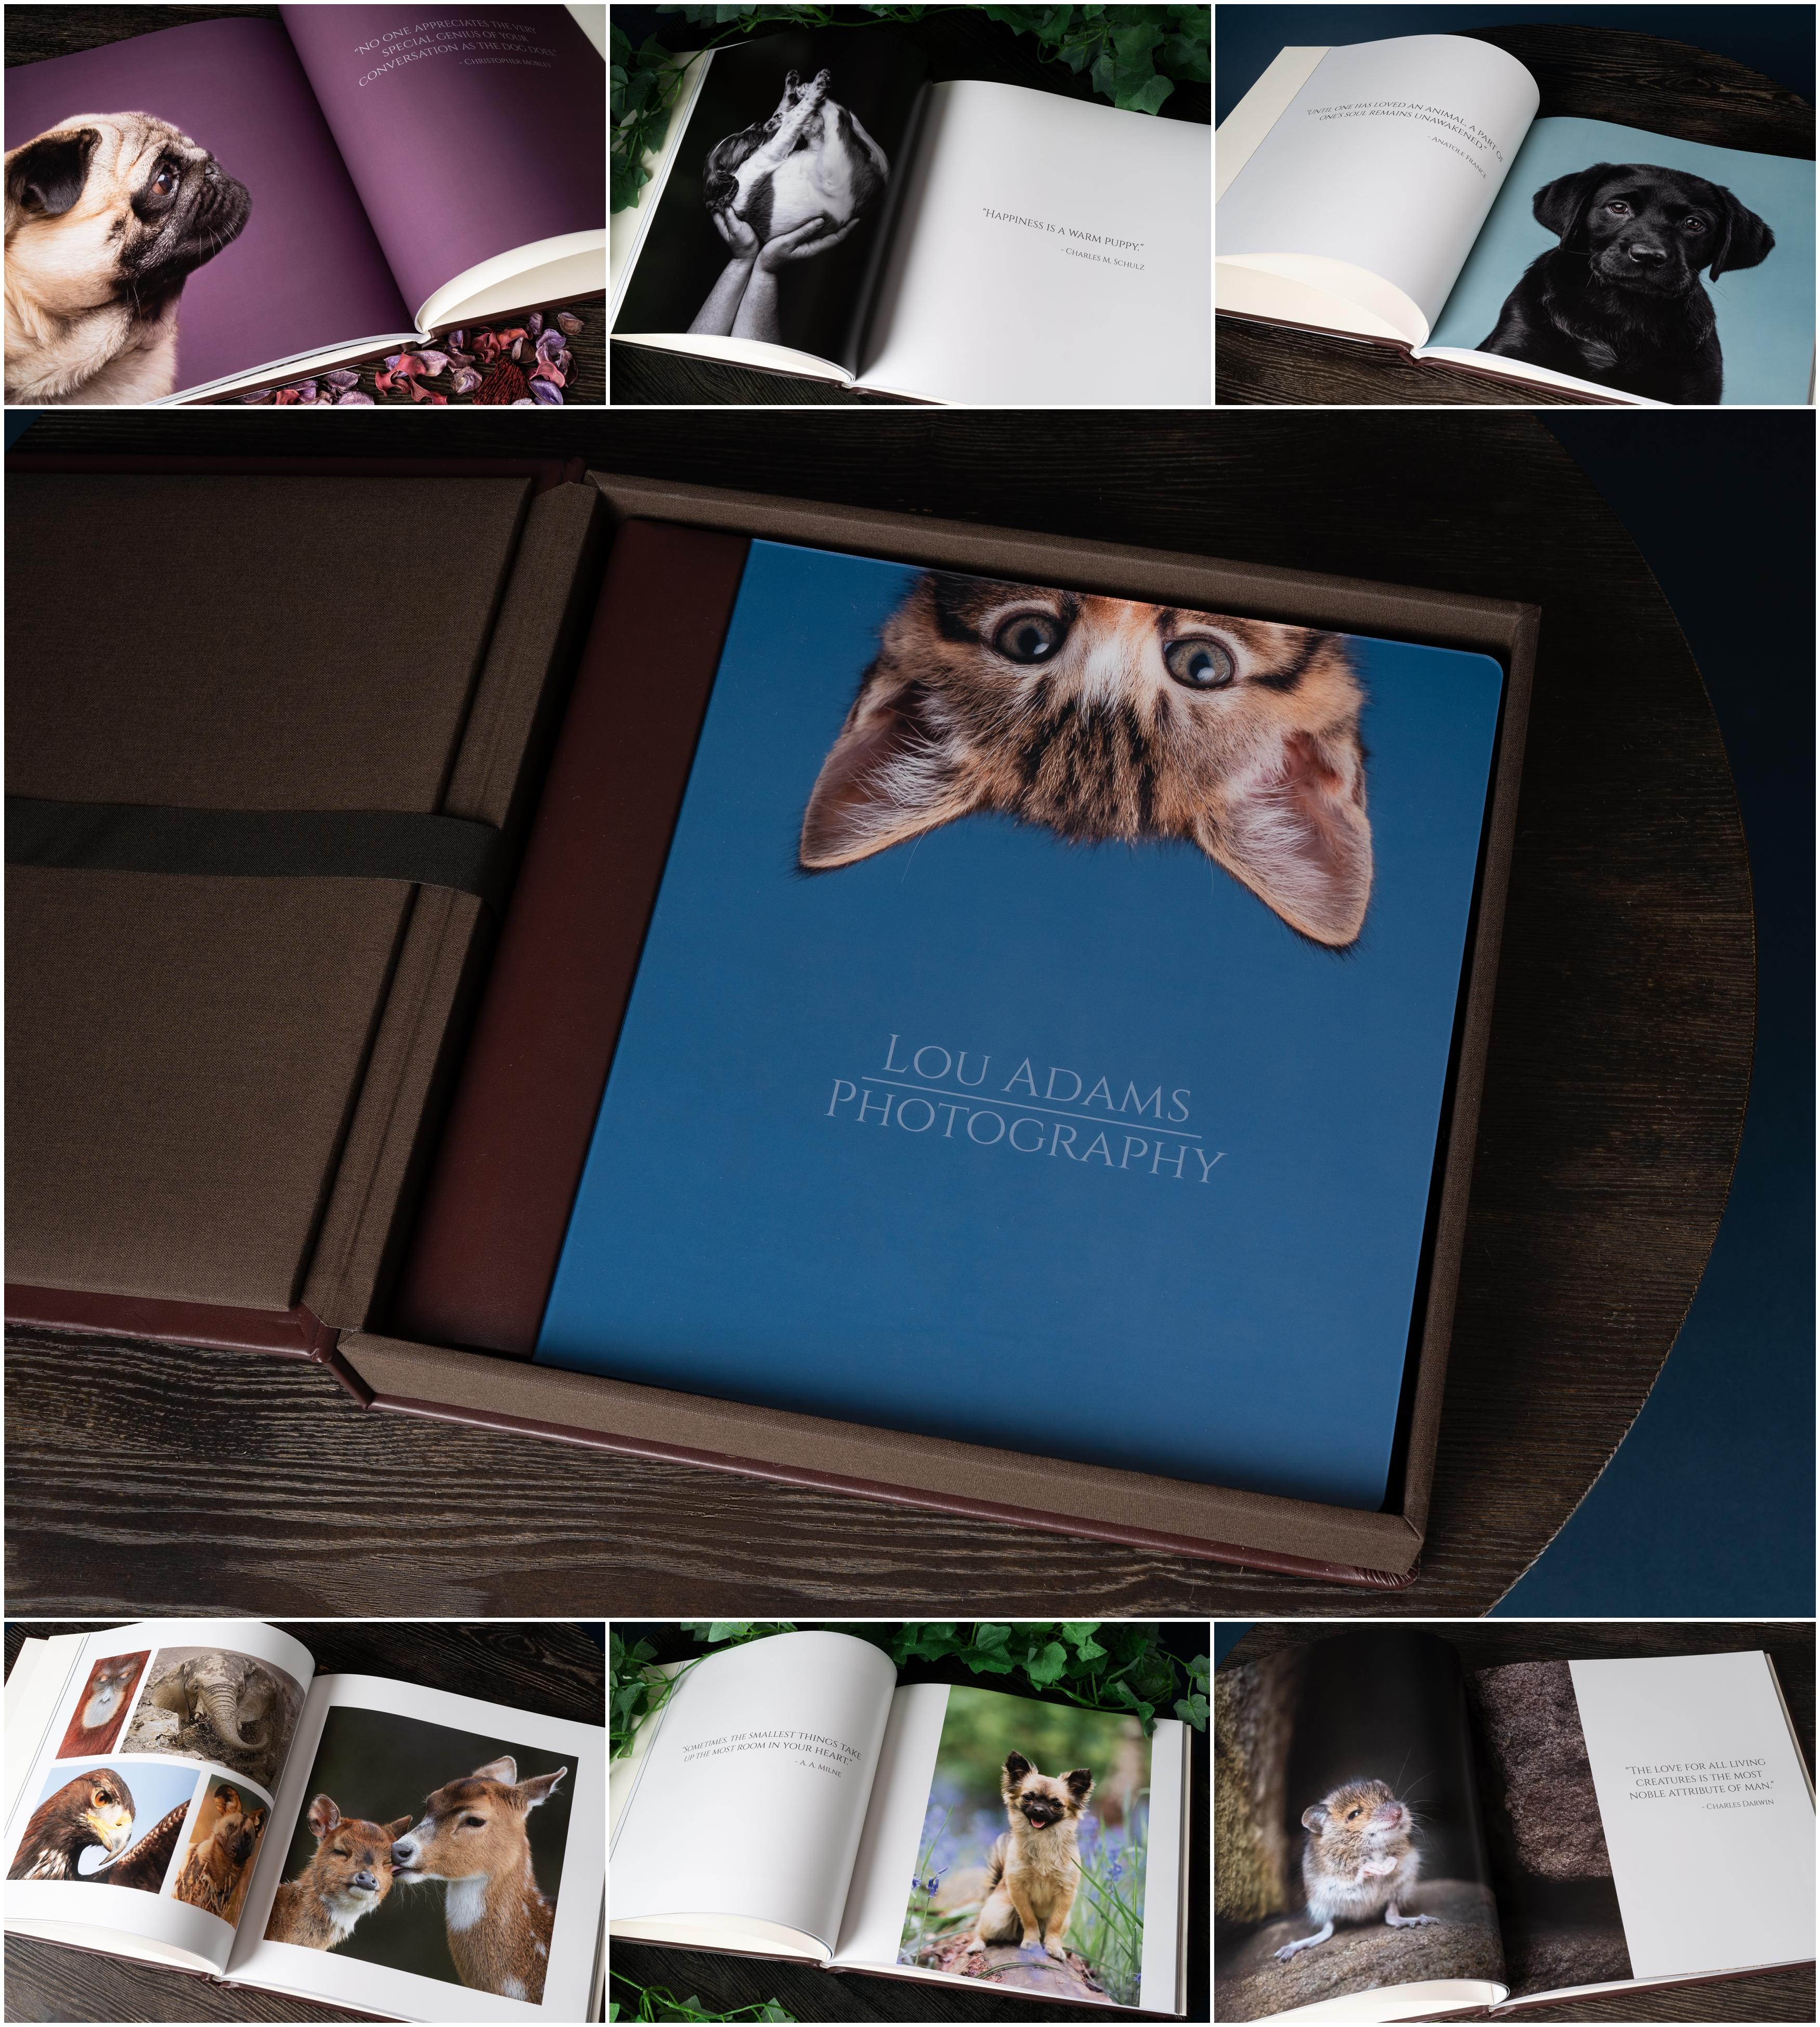 nPhoto Complete Album Lou Adams Photography